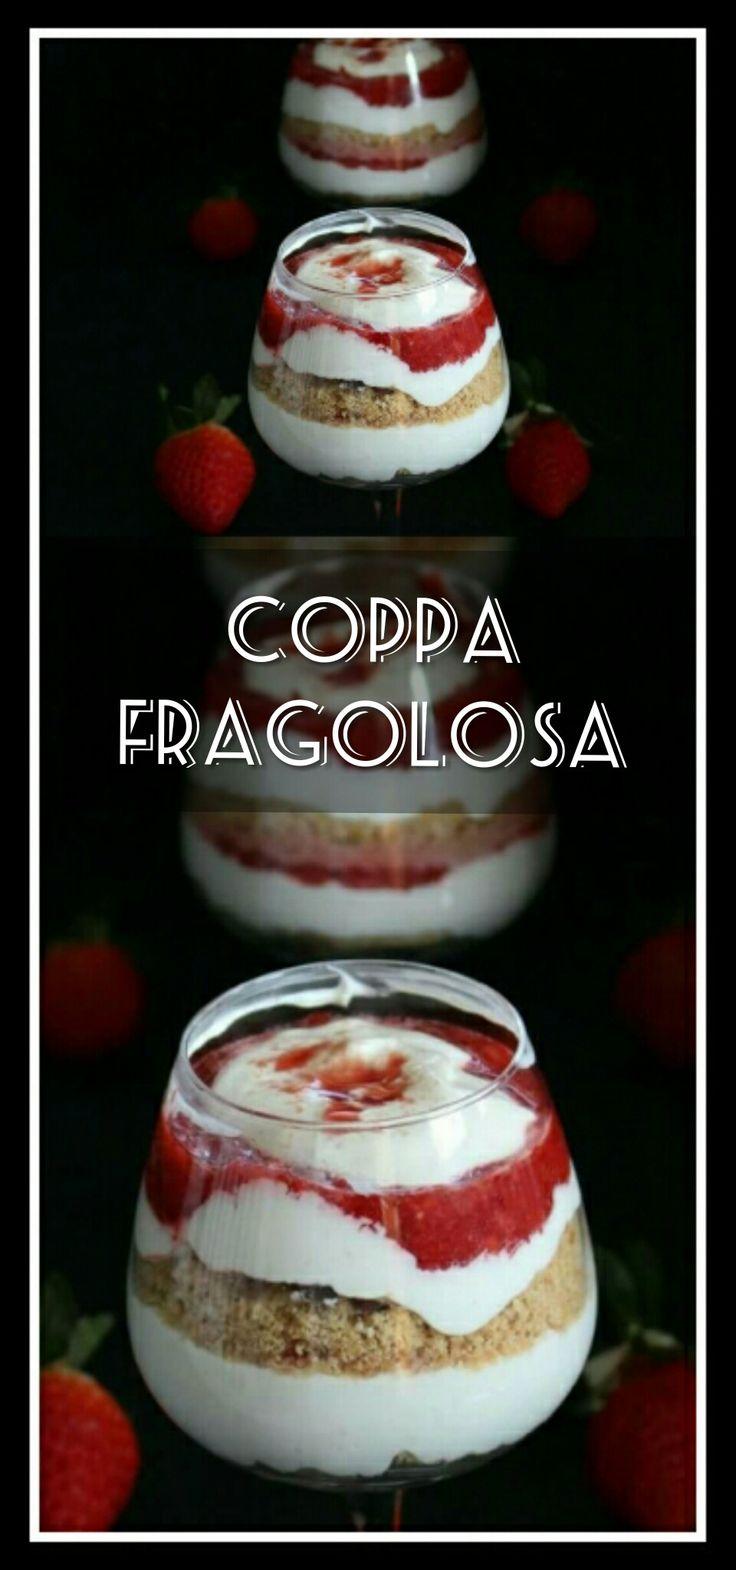 Coppa Fragolosa  Buona Veloce e facilissima a preparare  http://blog.giallozafferano.it/mille1ricette/coppa-fragolosa/